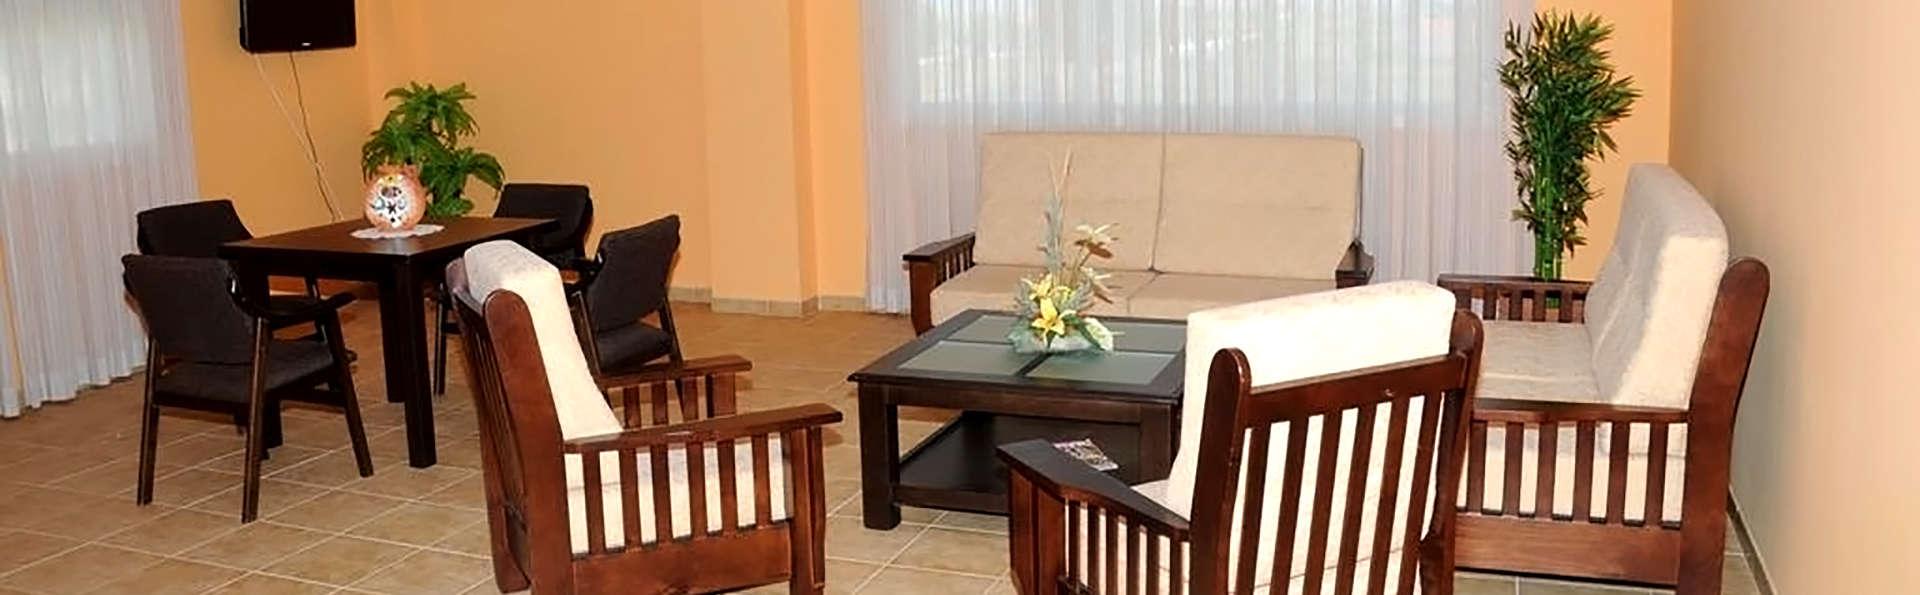 Hotel Sostenible La Laguna (inactif) - Edit_Hall.jpg